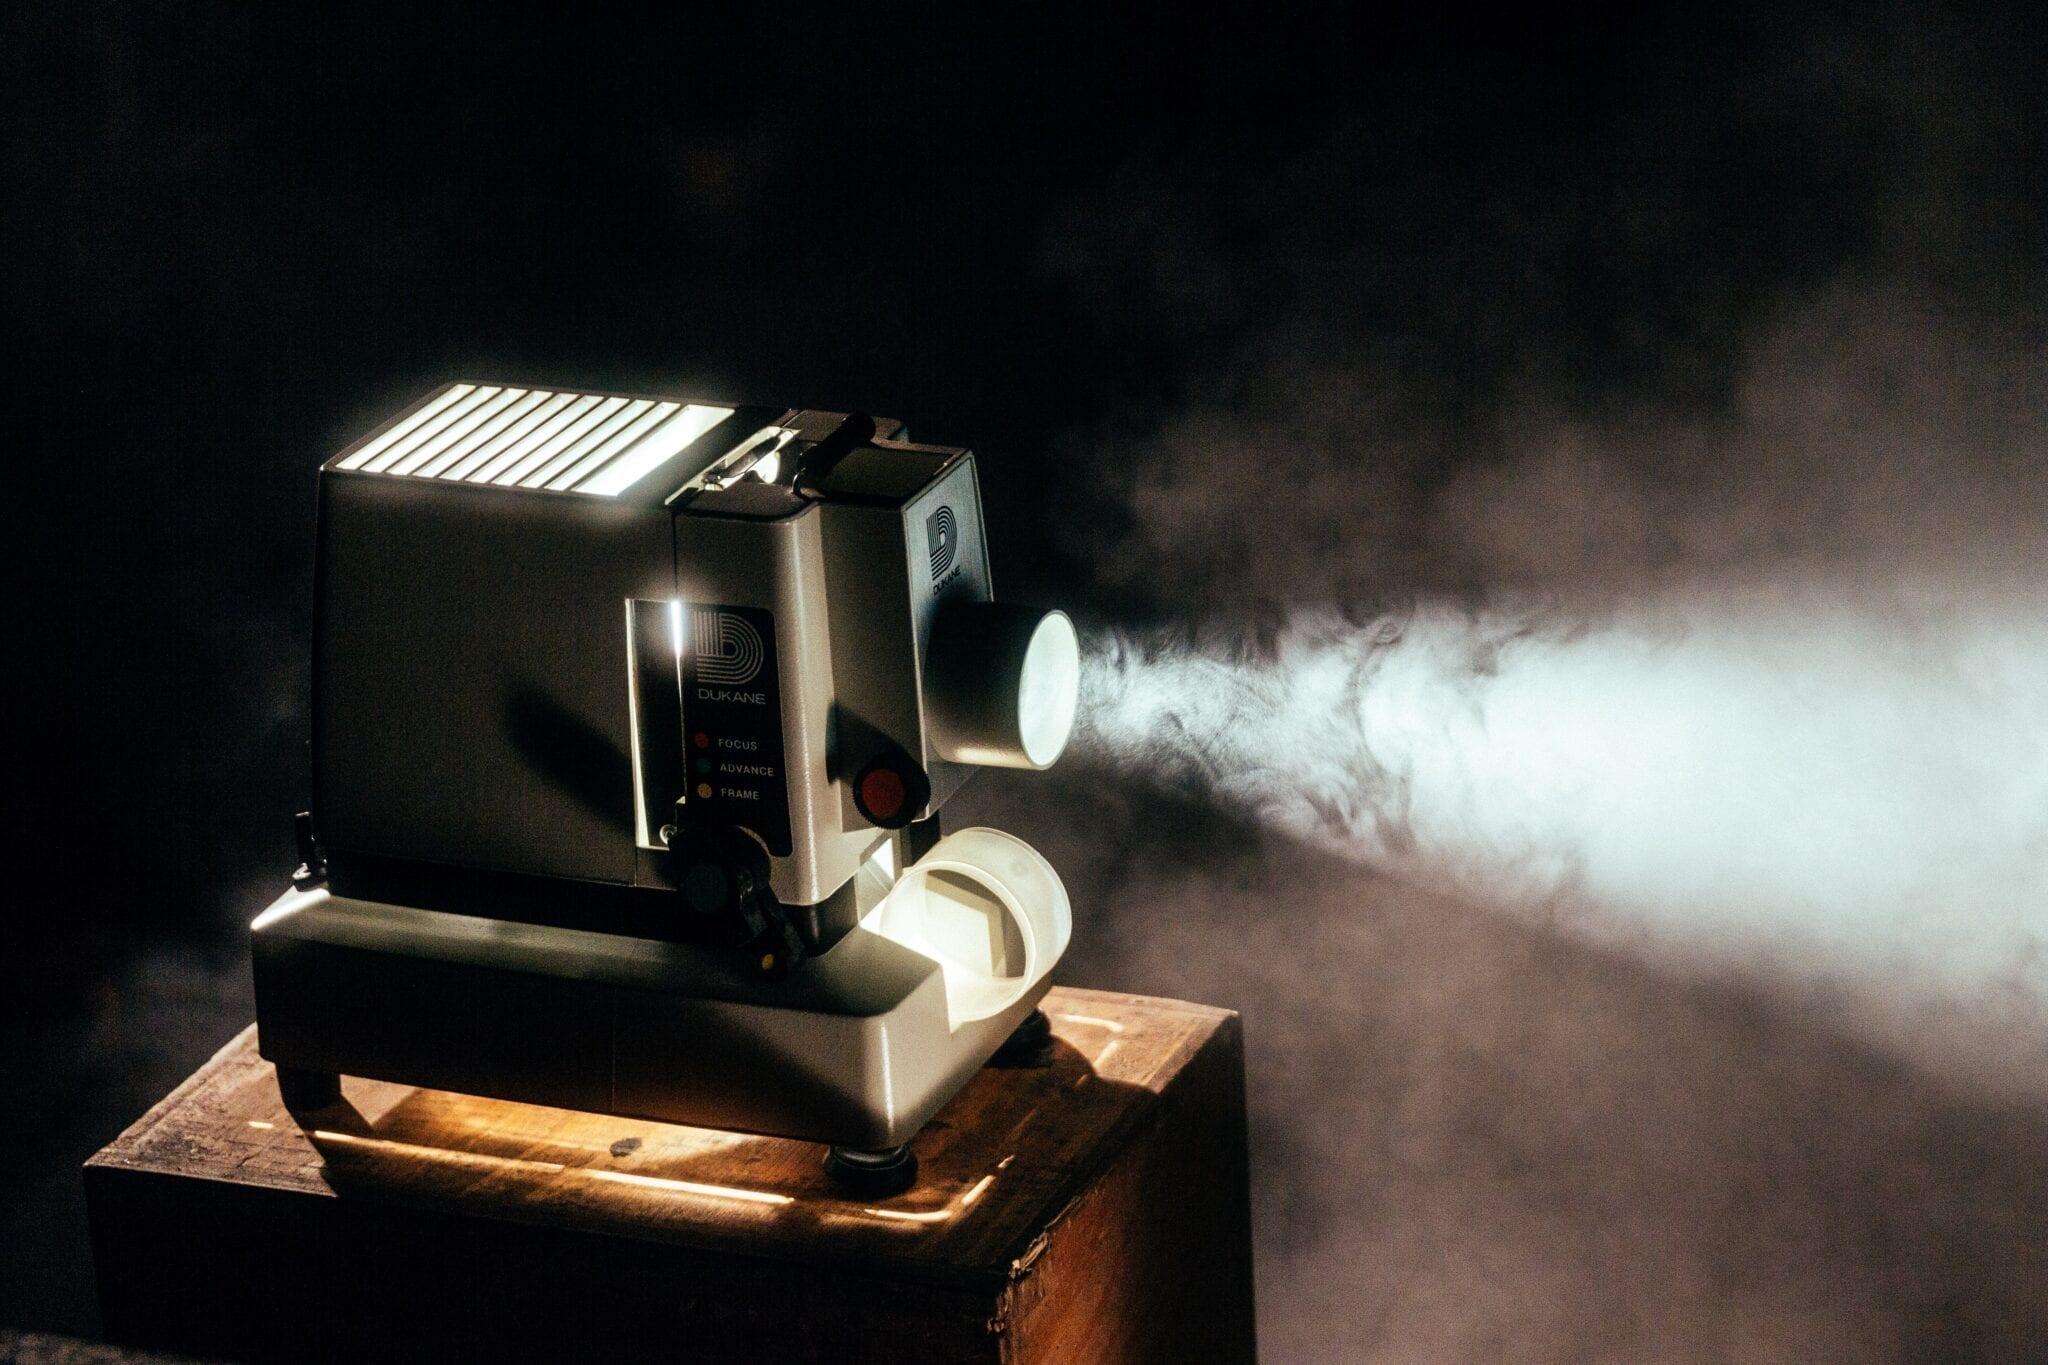 Cinema, projector, image by Jeremy Yap, Unsplash